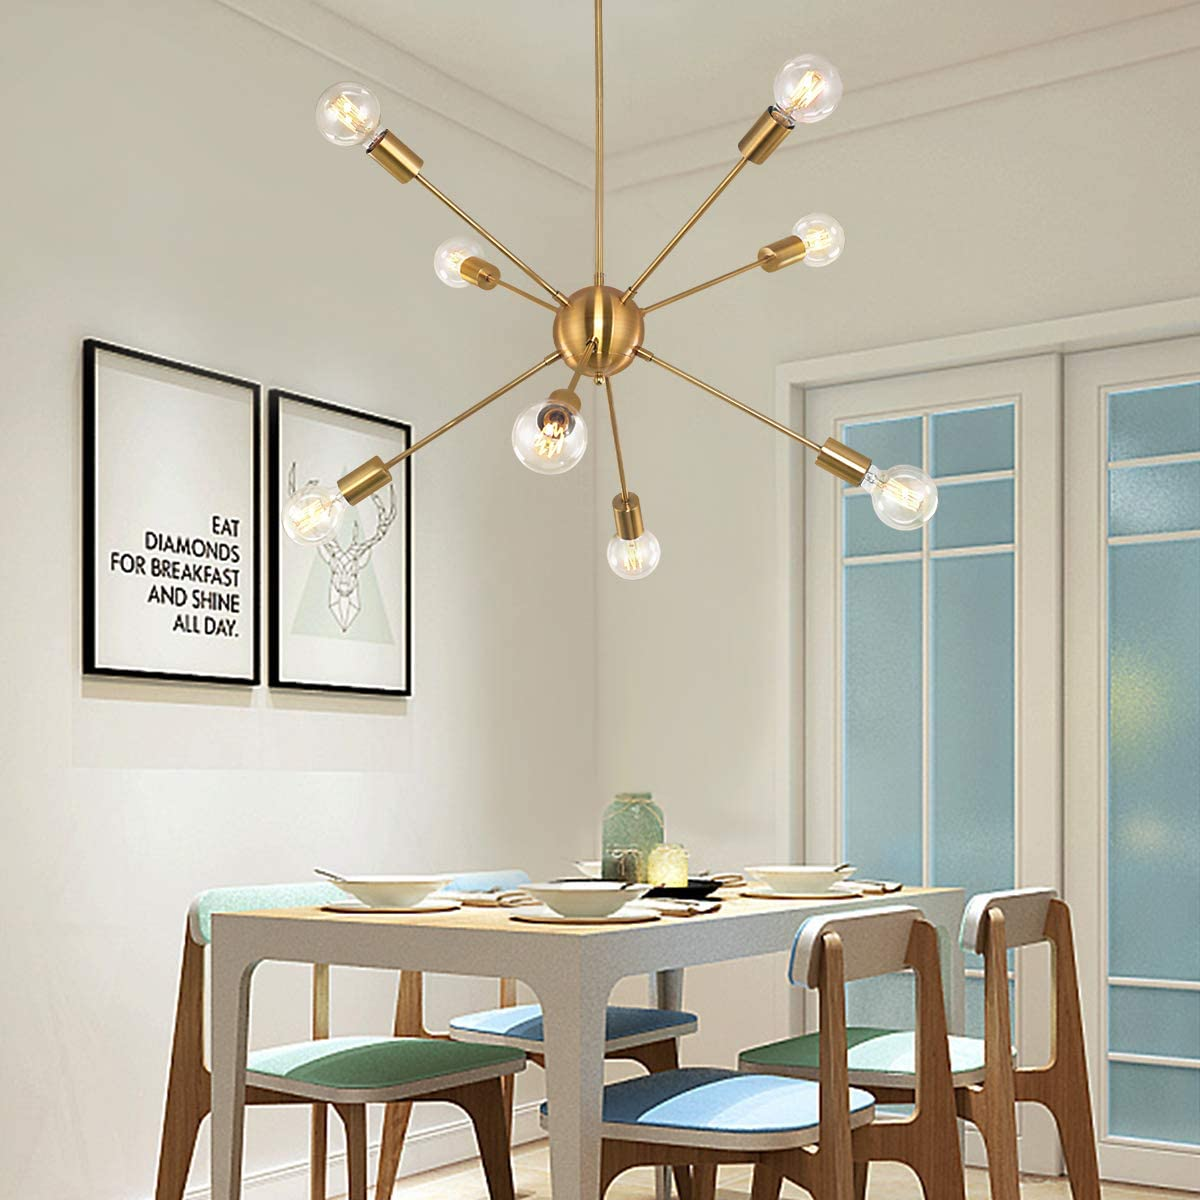 SGLfarmty Sputnik Chandelier 8 Lights Pendant Chandelier Lighting Mid Century Vintage Ceiling Light Fixture Brushed Brass for Bar Bedroom Flat or Sloped Ceiling Gold